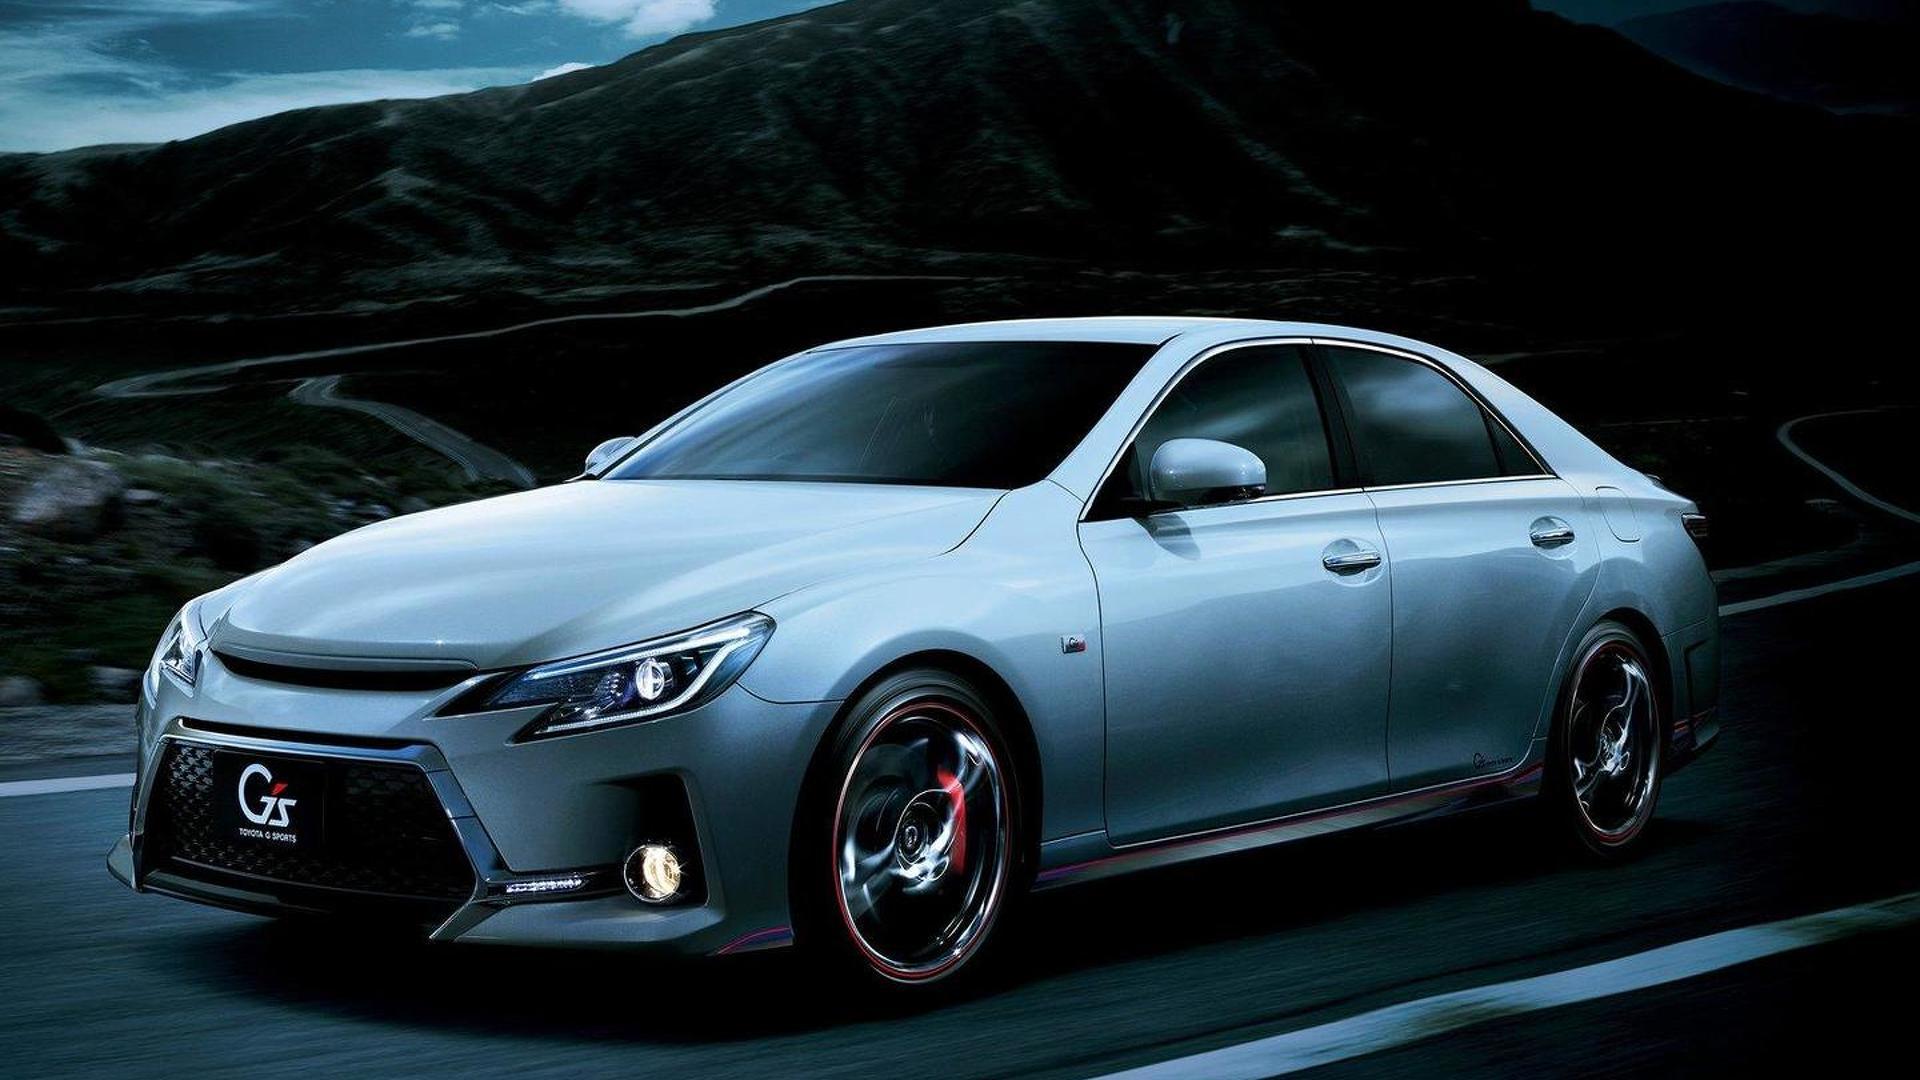 2013 Toyota Mark X facelift revealed for Japan